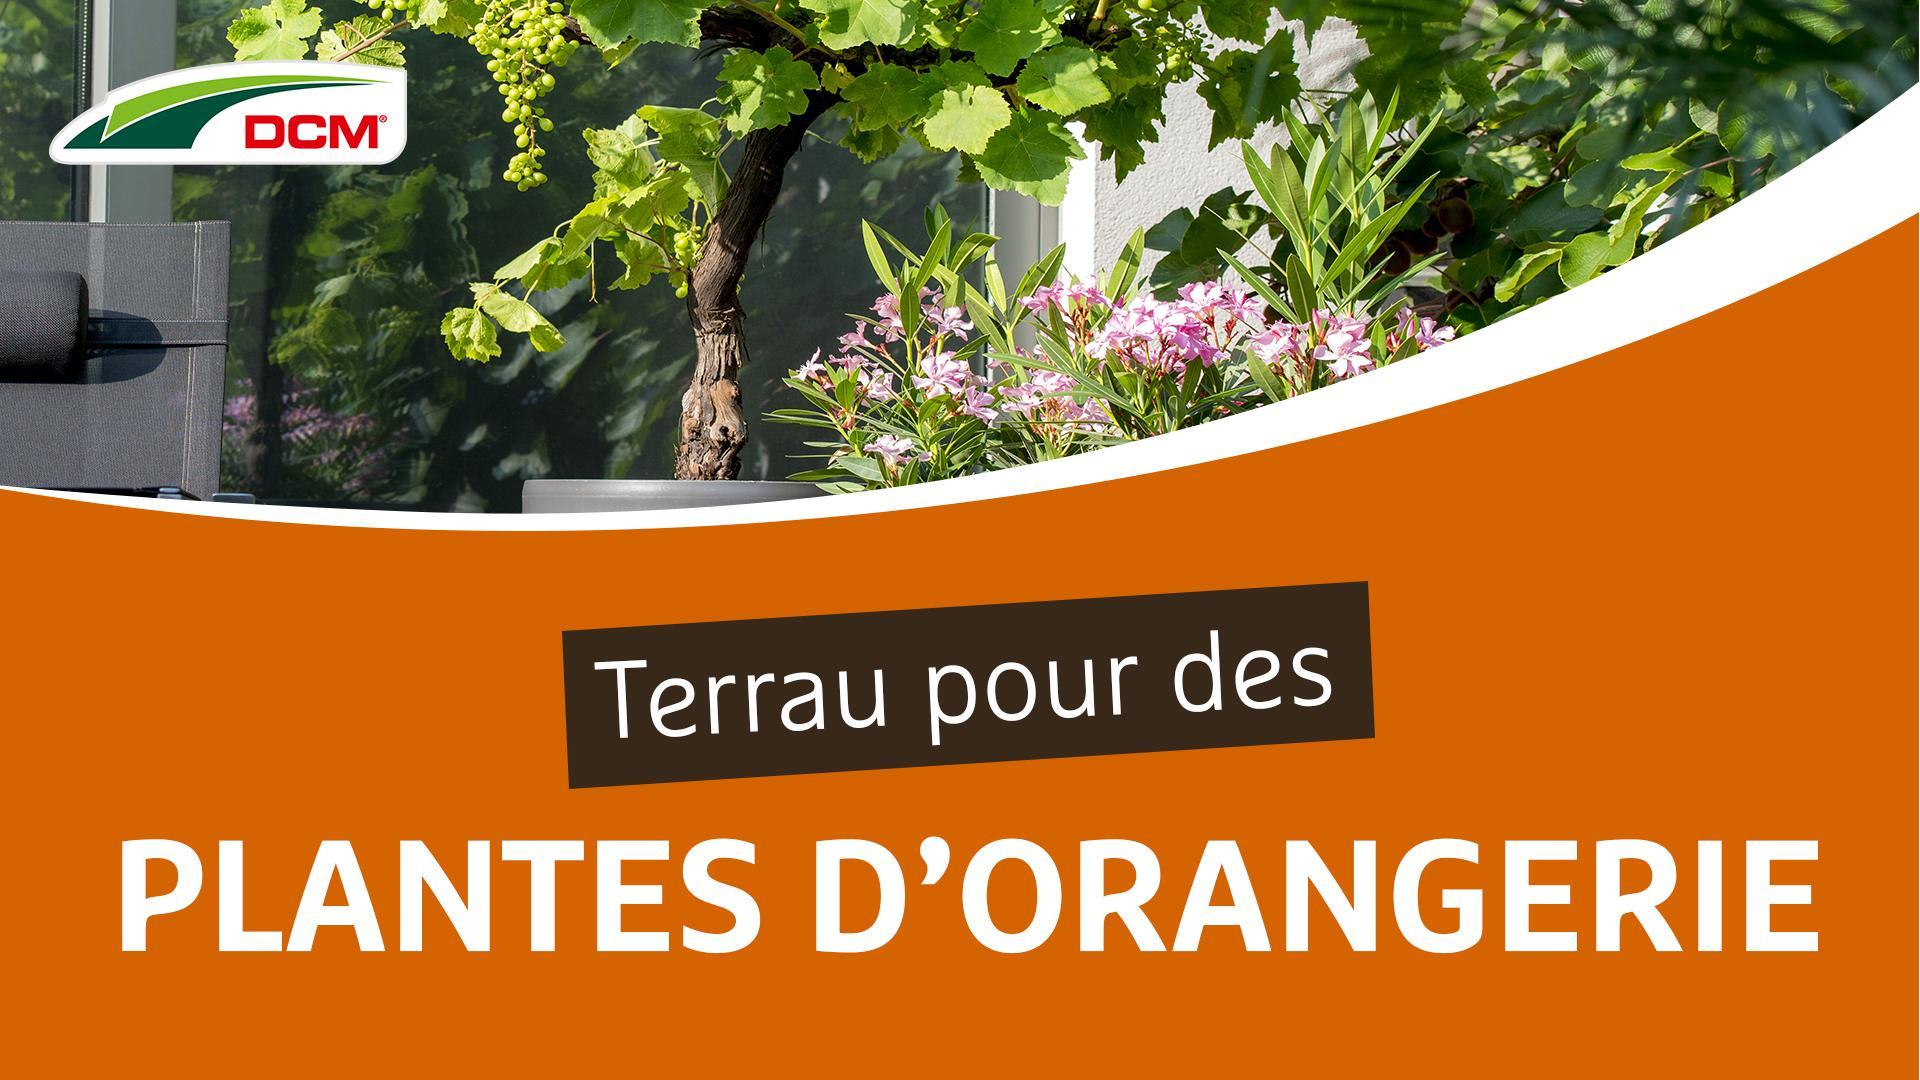 Terreaux pour plantes d'orangerie et plantes méditerranéennes - DCM Plantes d'Orangerie & Plantes mediterranéennes